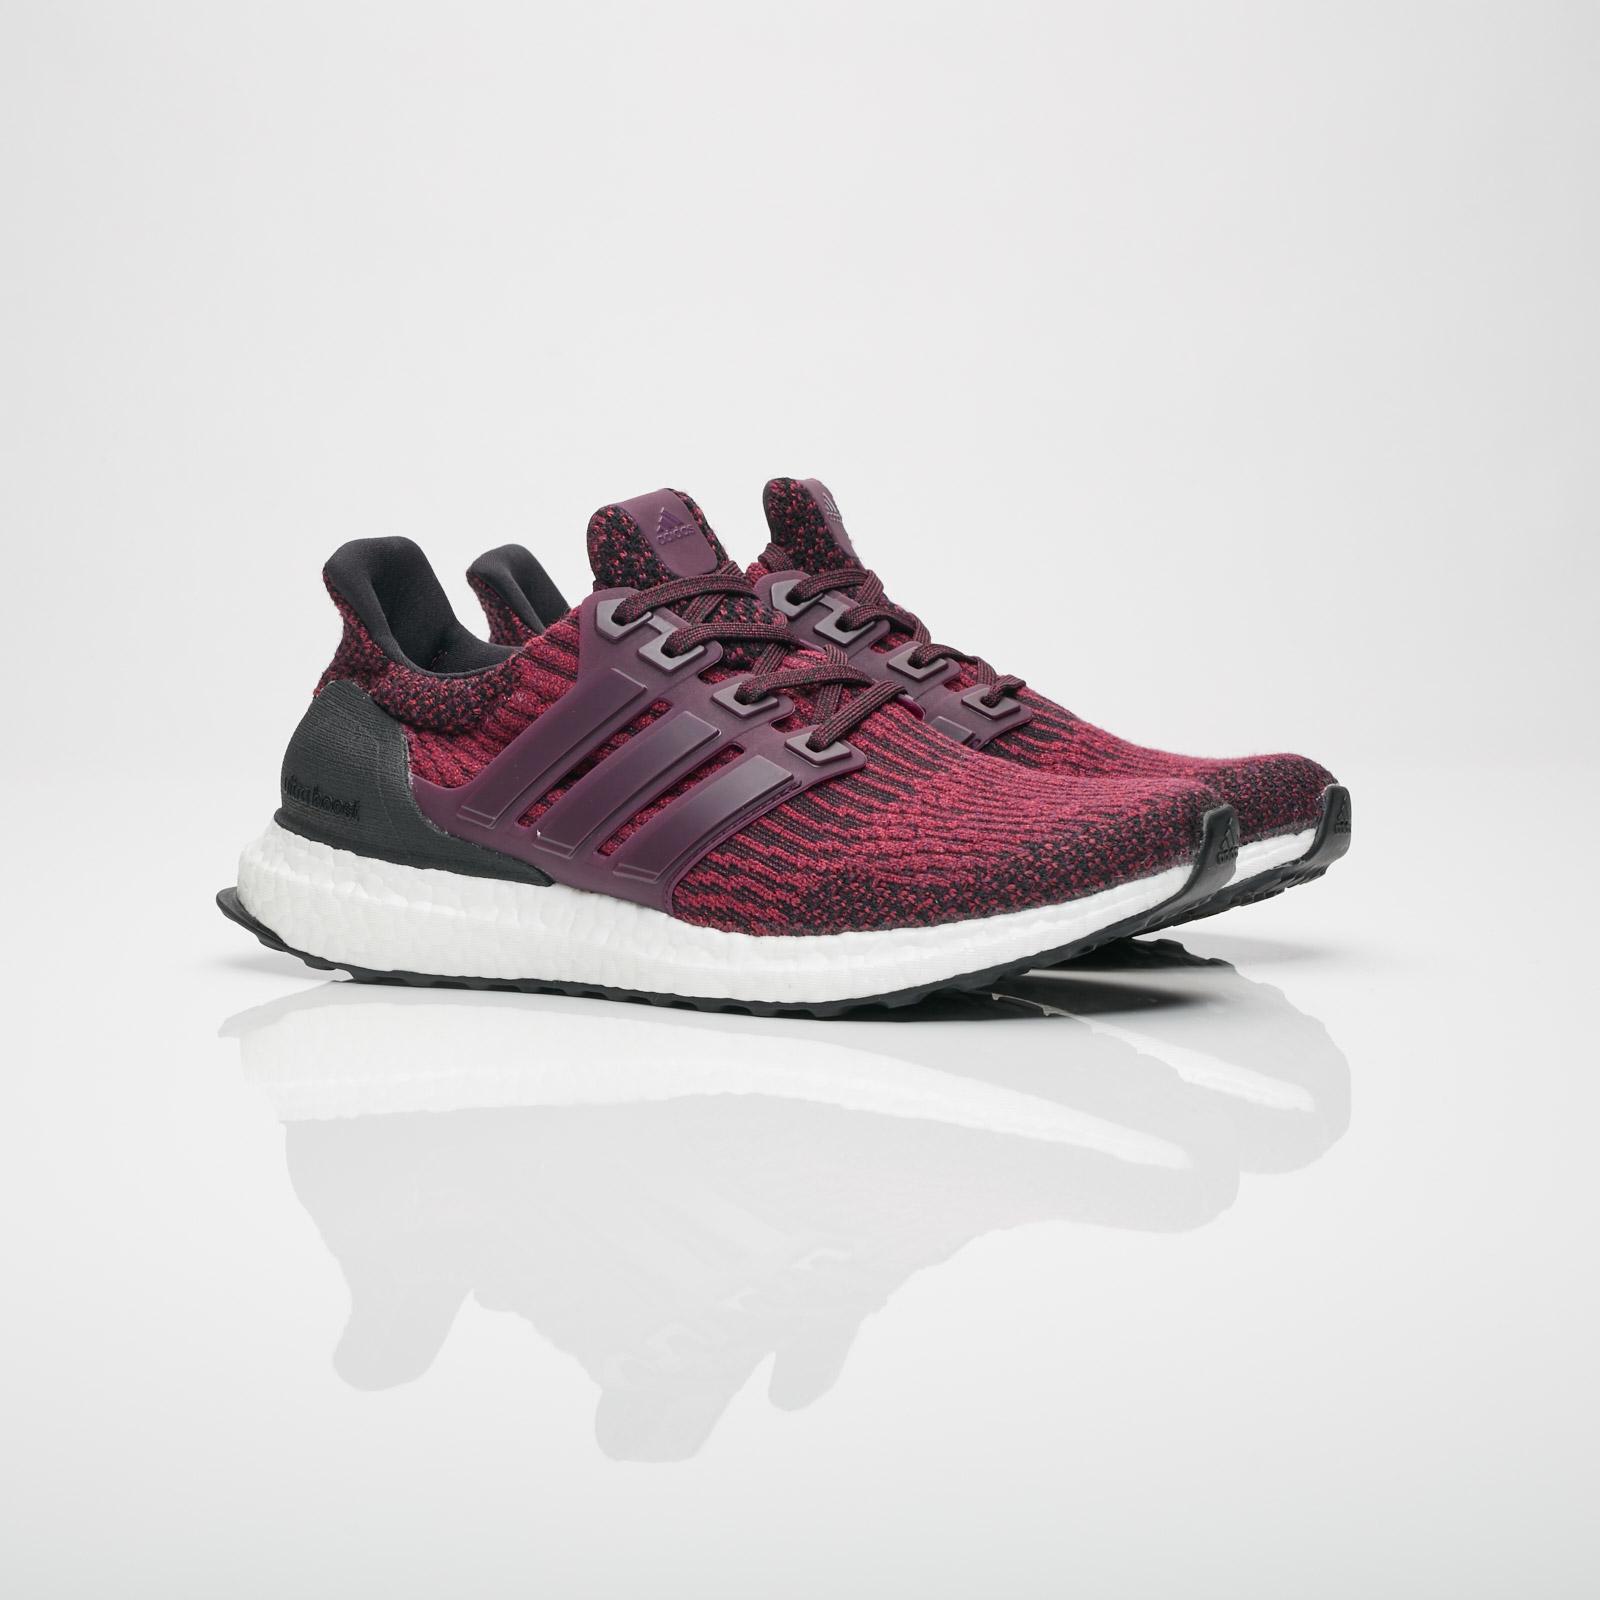 654eaedf47f adidas UltraBOOST W - S82058 - Sneakersnstuff